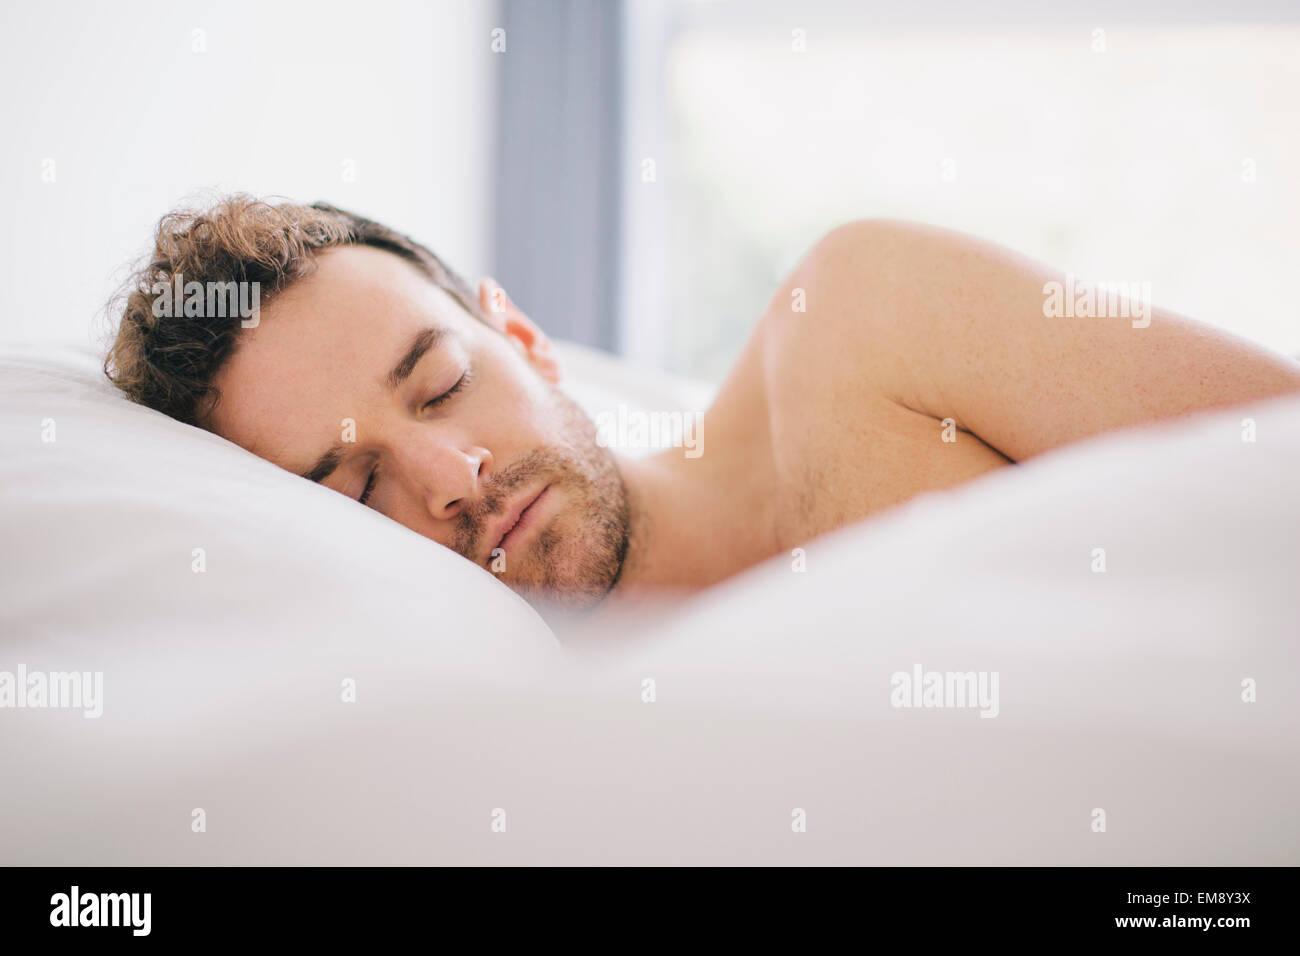 Jeune homme étendu sur le côté endormi dans le lit Photo Stock